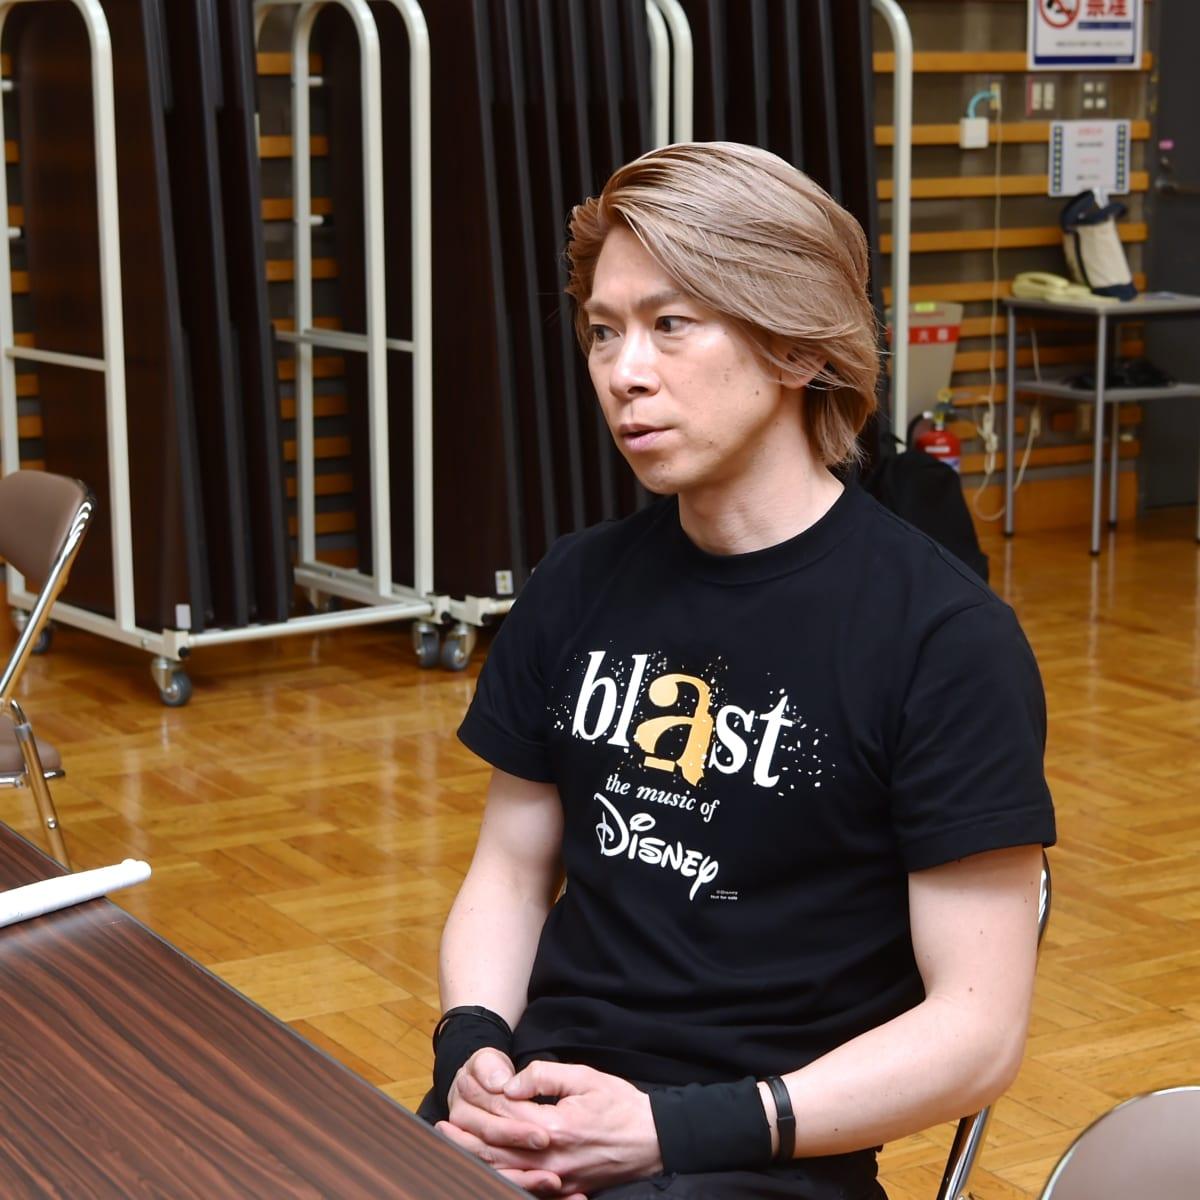 「ブラスト!:ミュージック・オブ・ディズニー2019」石川直さん6